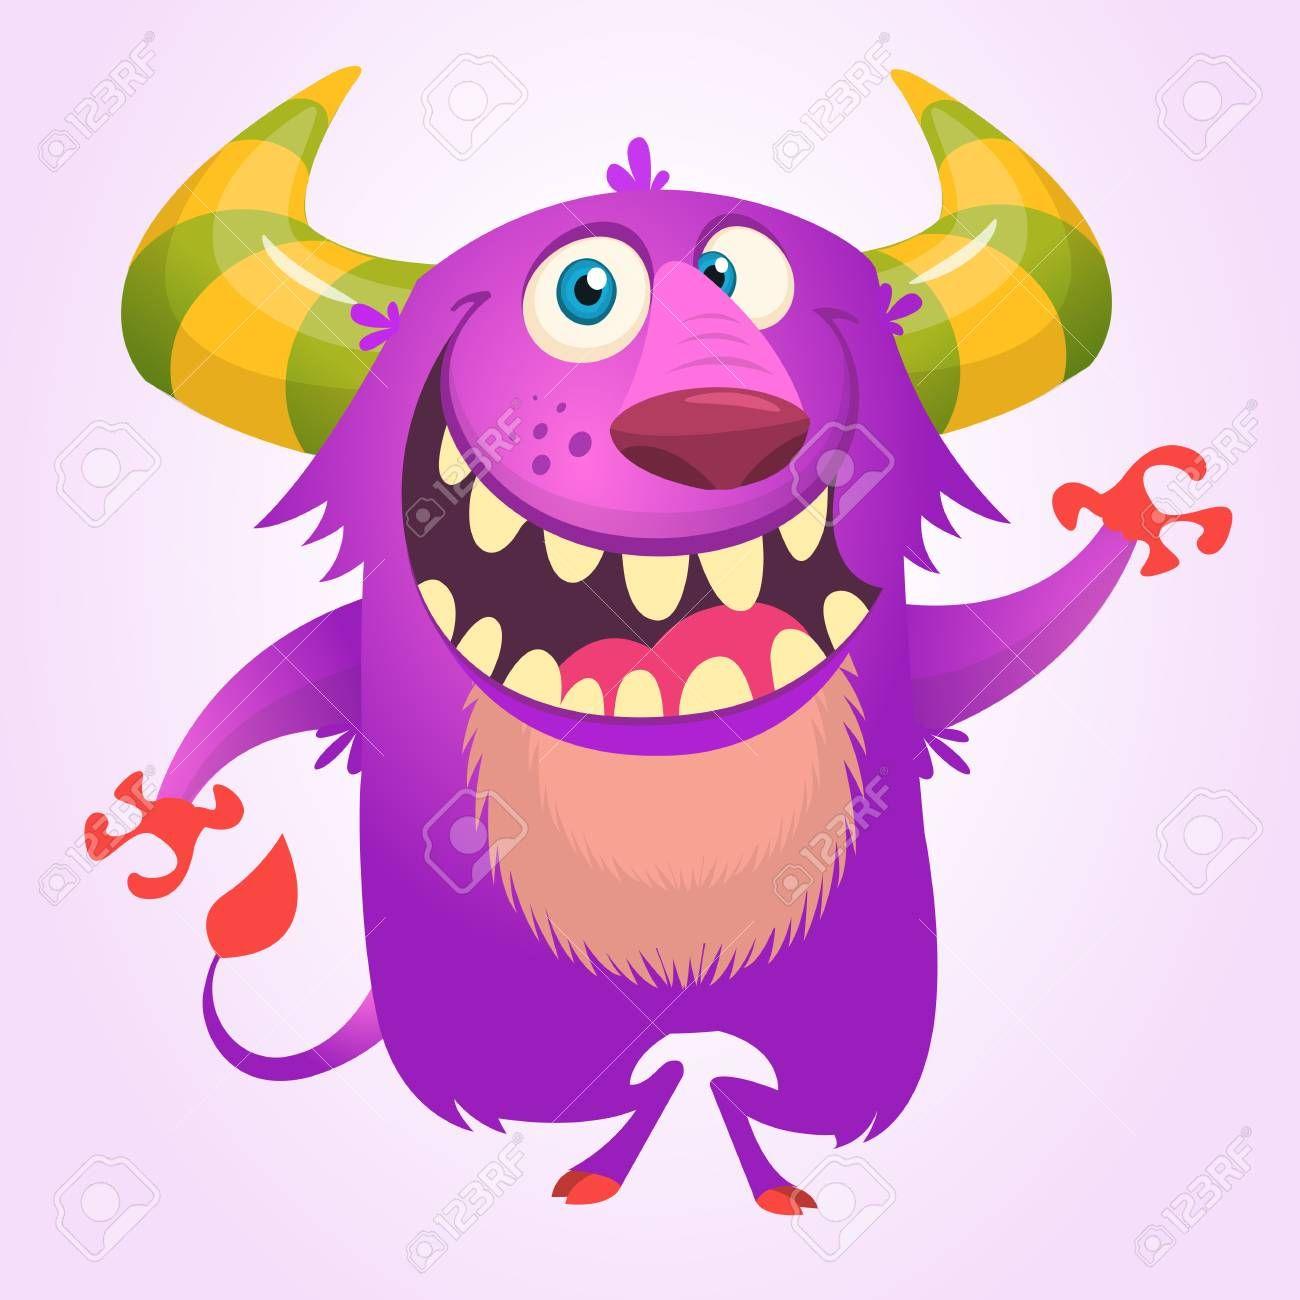 Cute Cartoon Violet Horned And Fluffy Monster Smiling Halloween Cute Cartoon Kawaii Doodles Halloween Vector